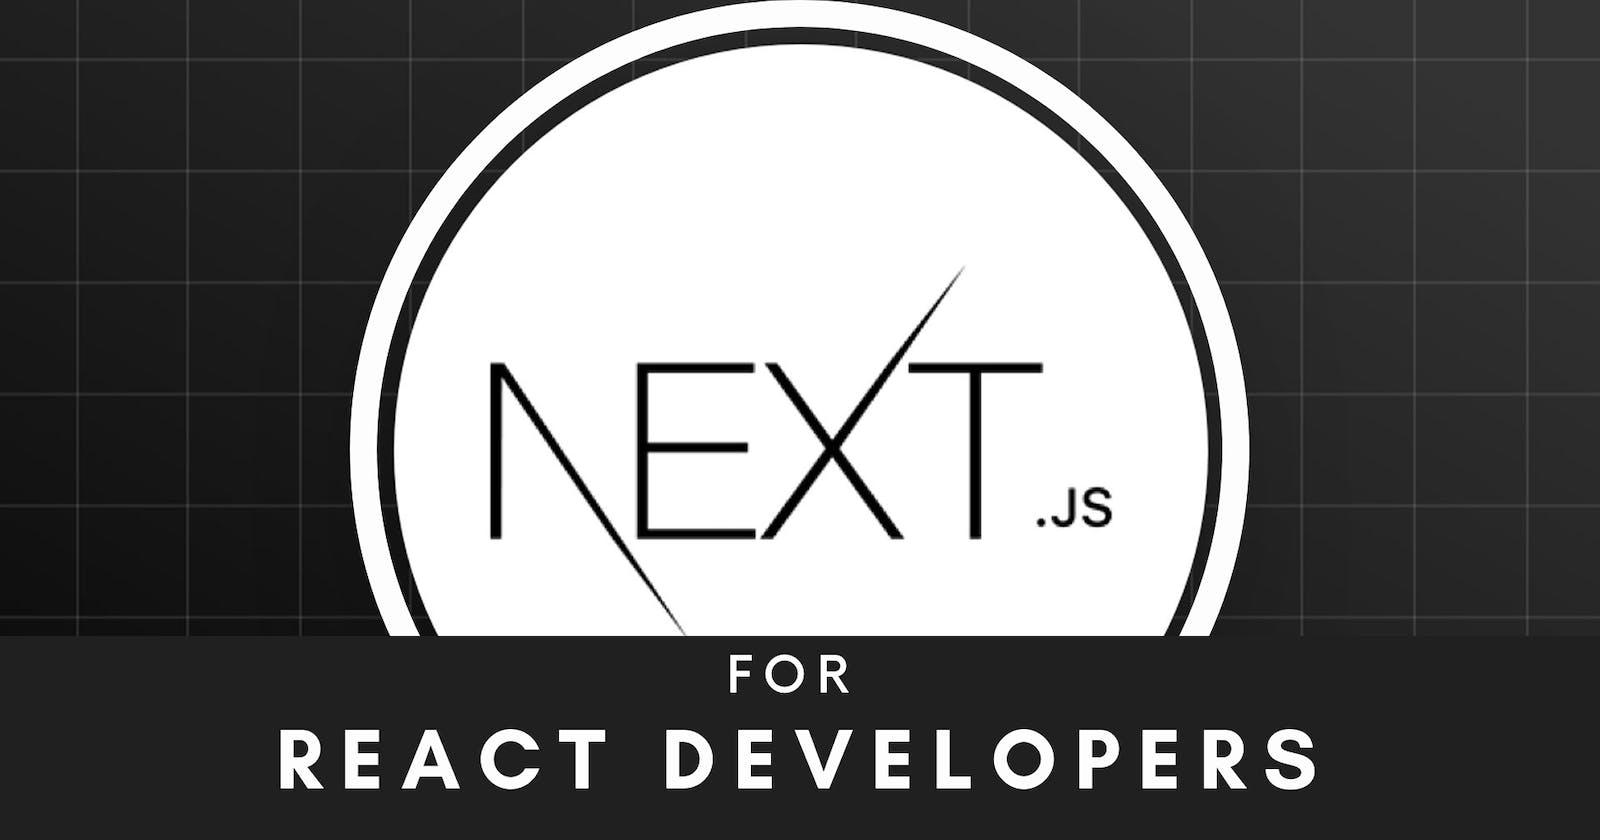 NextJs for React Developers.